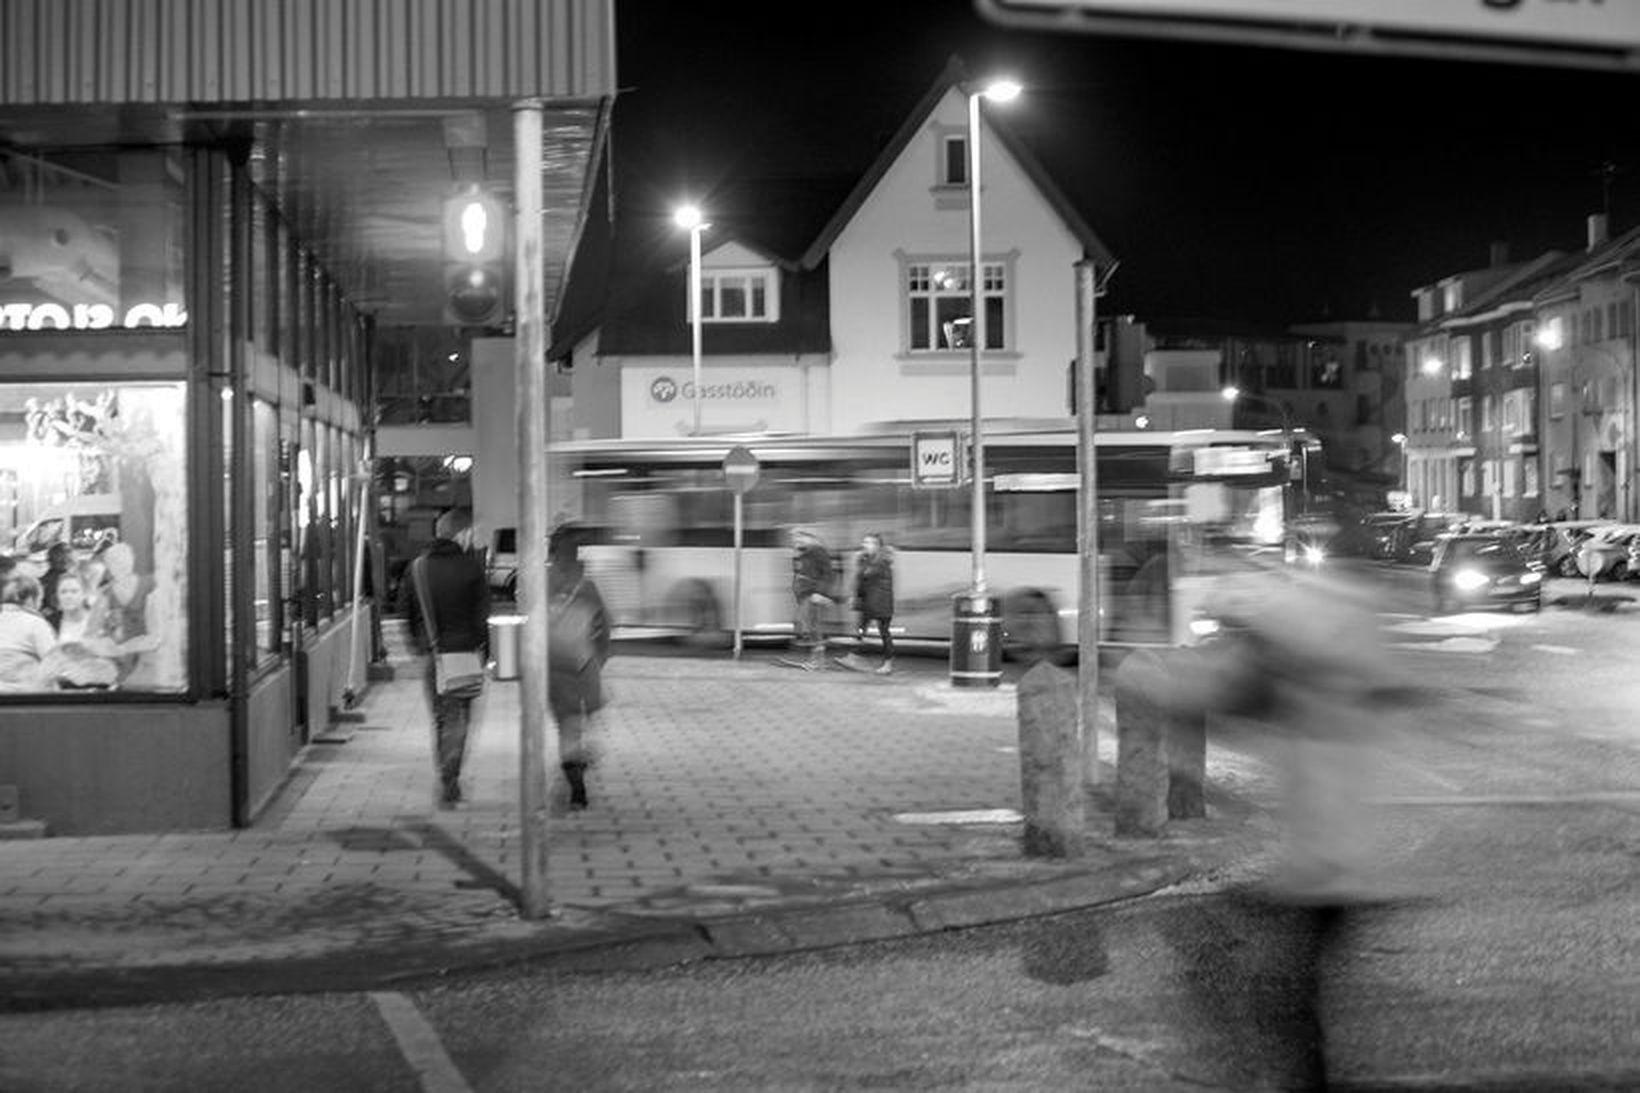 Kynferðisbrot eru viðkvæmur málaflokkur þar sem rannsóknar- og málsmeðferðartími getur …